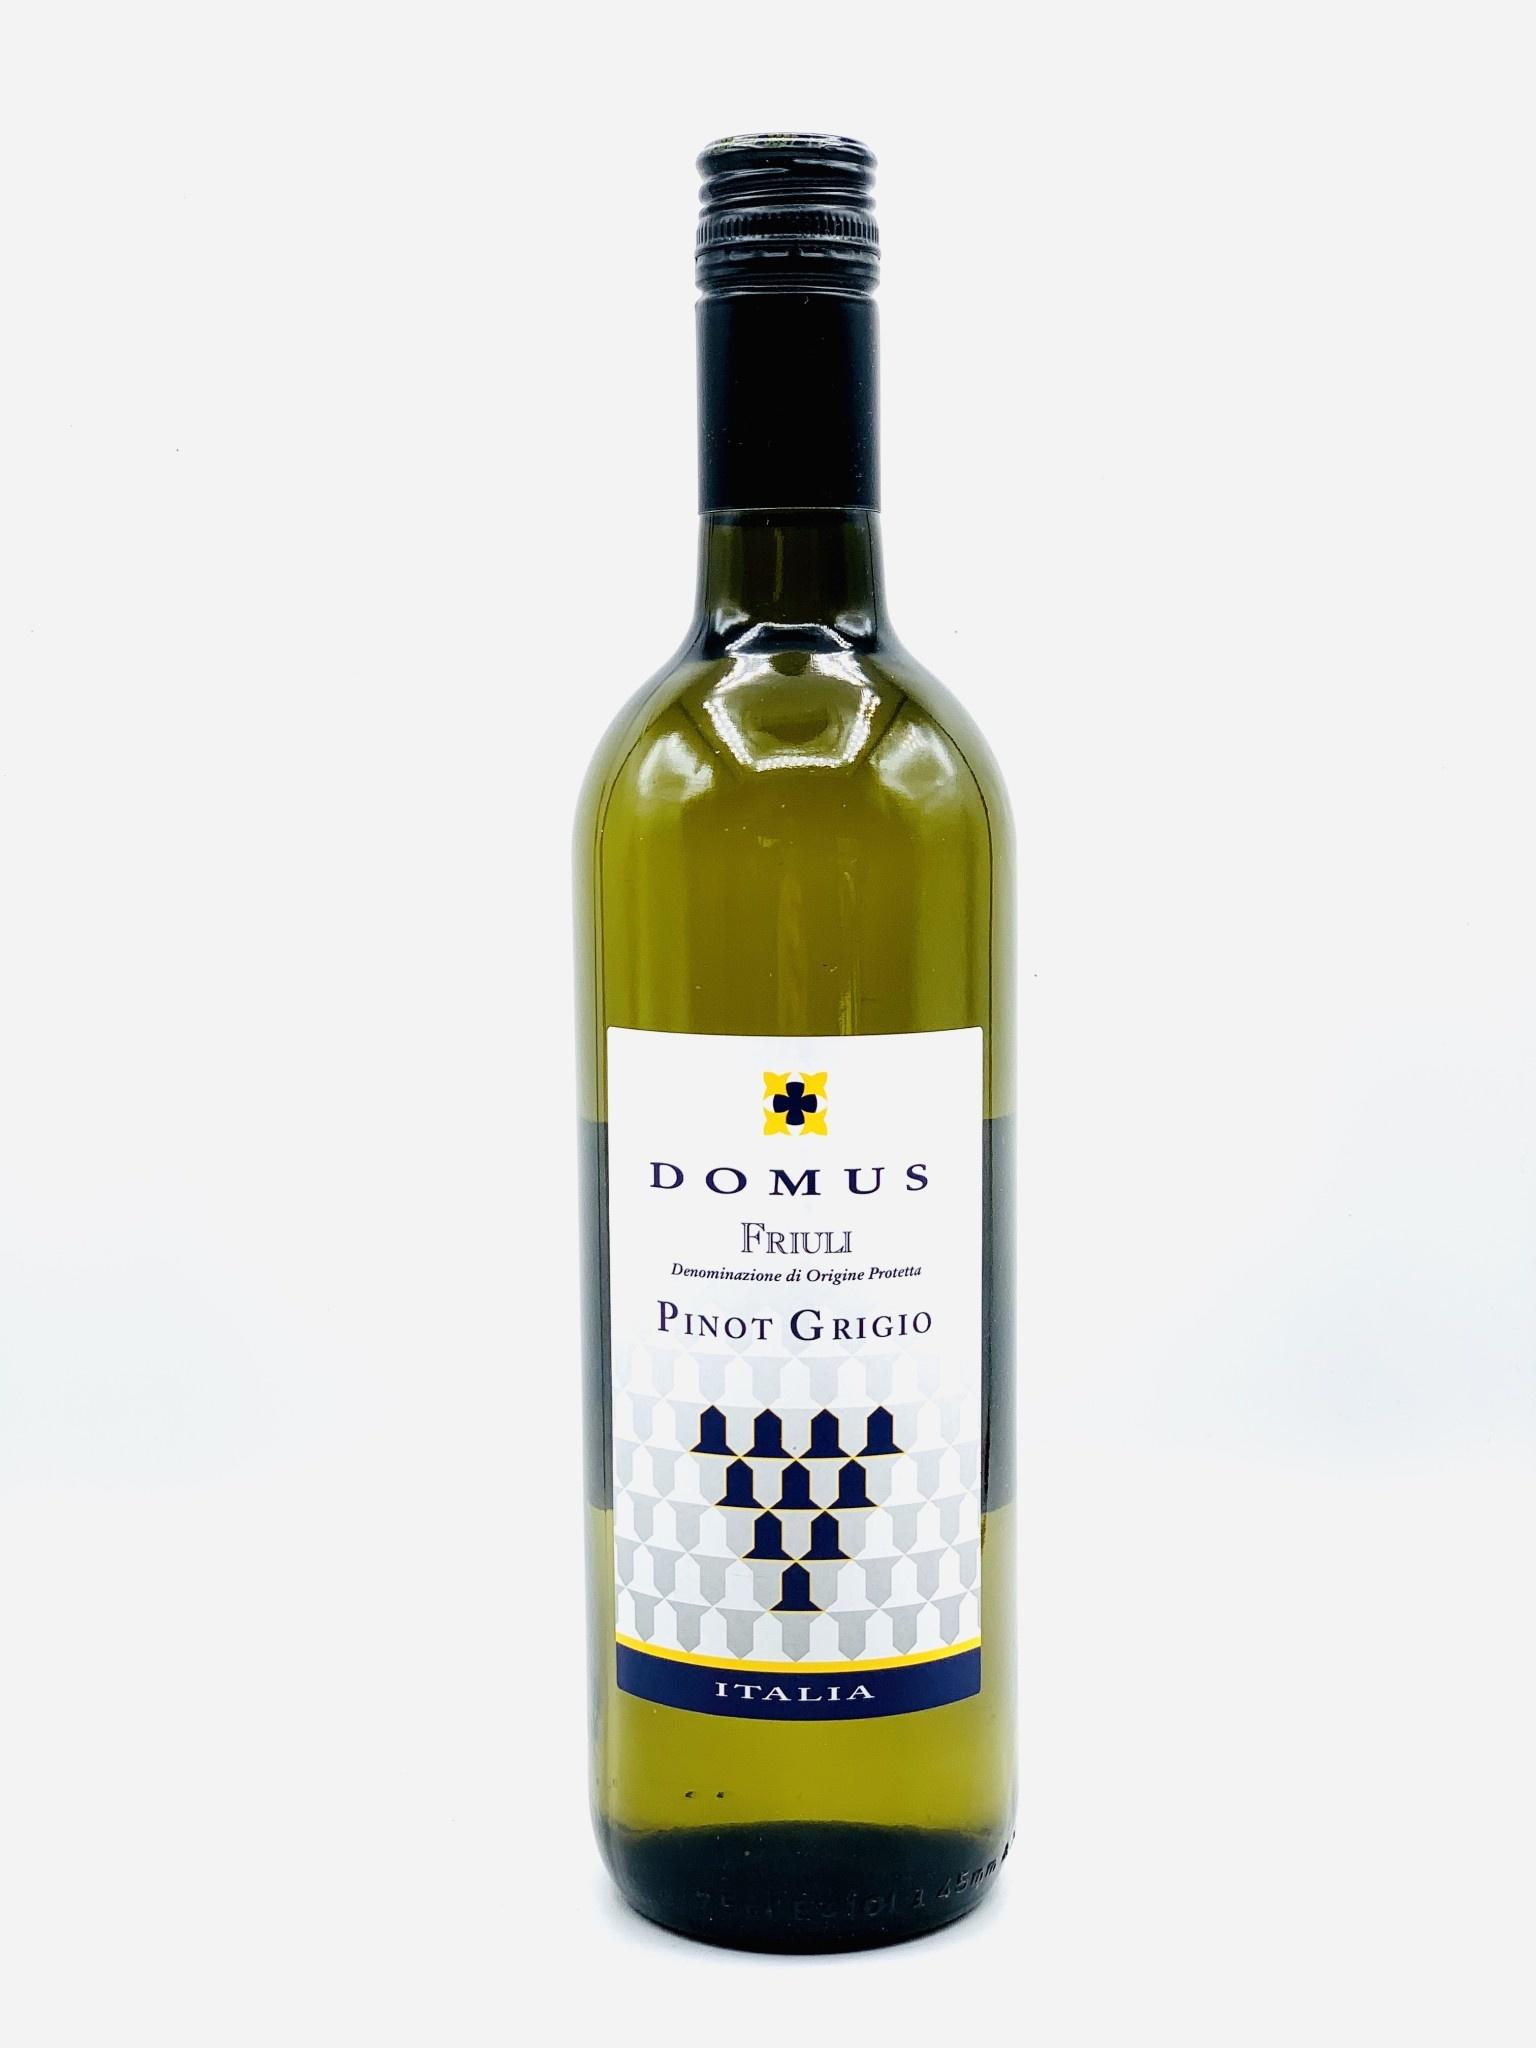 Friuli Pinot Grigio 2020 Domus  750ml